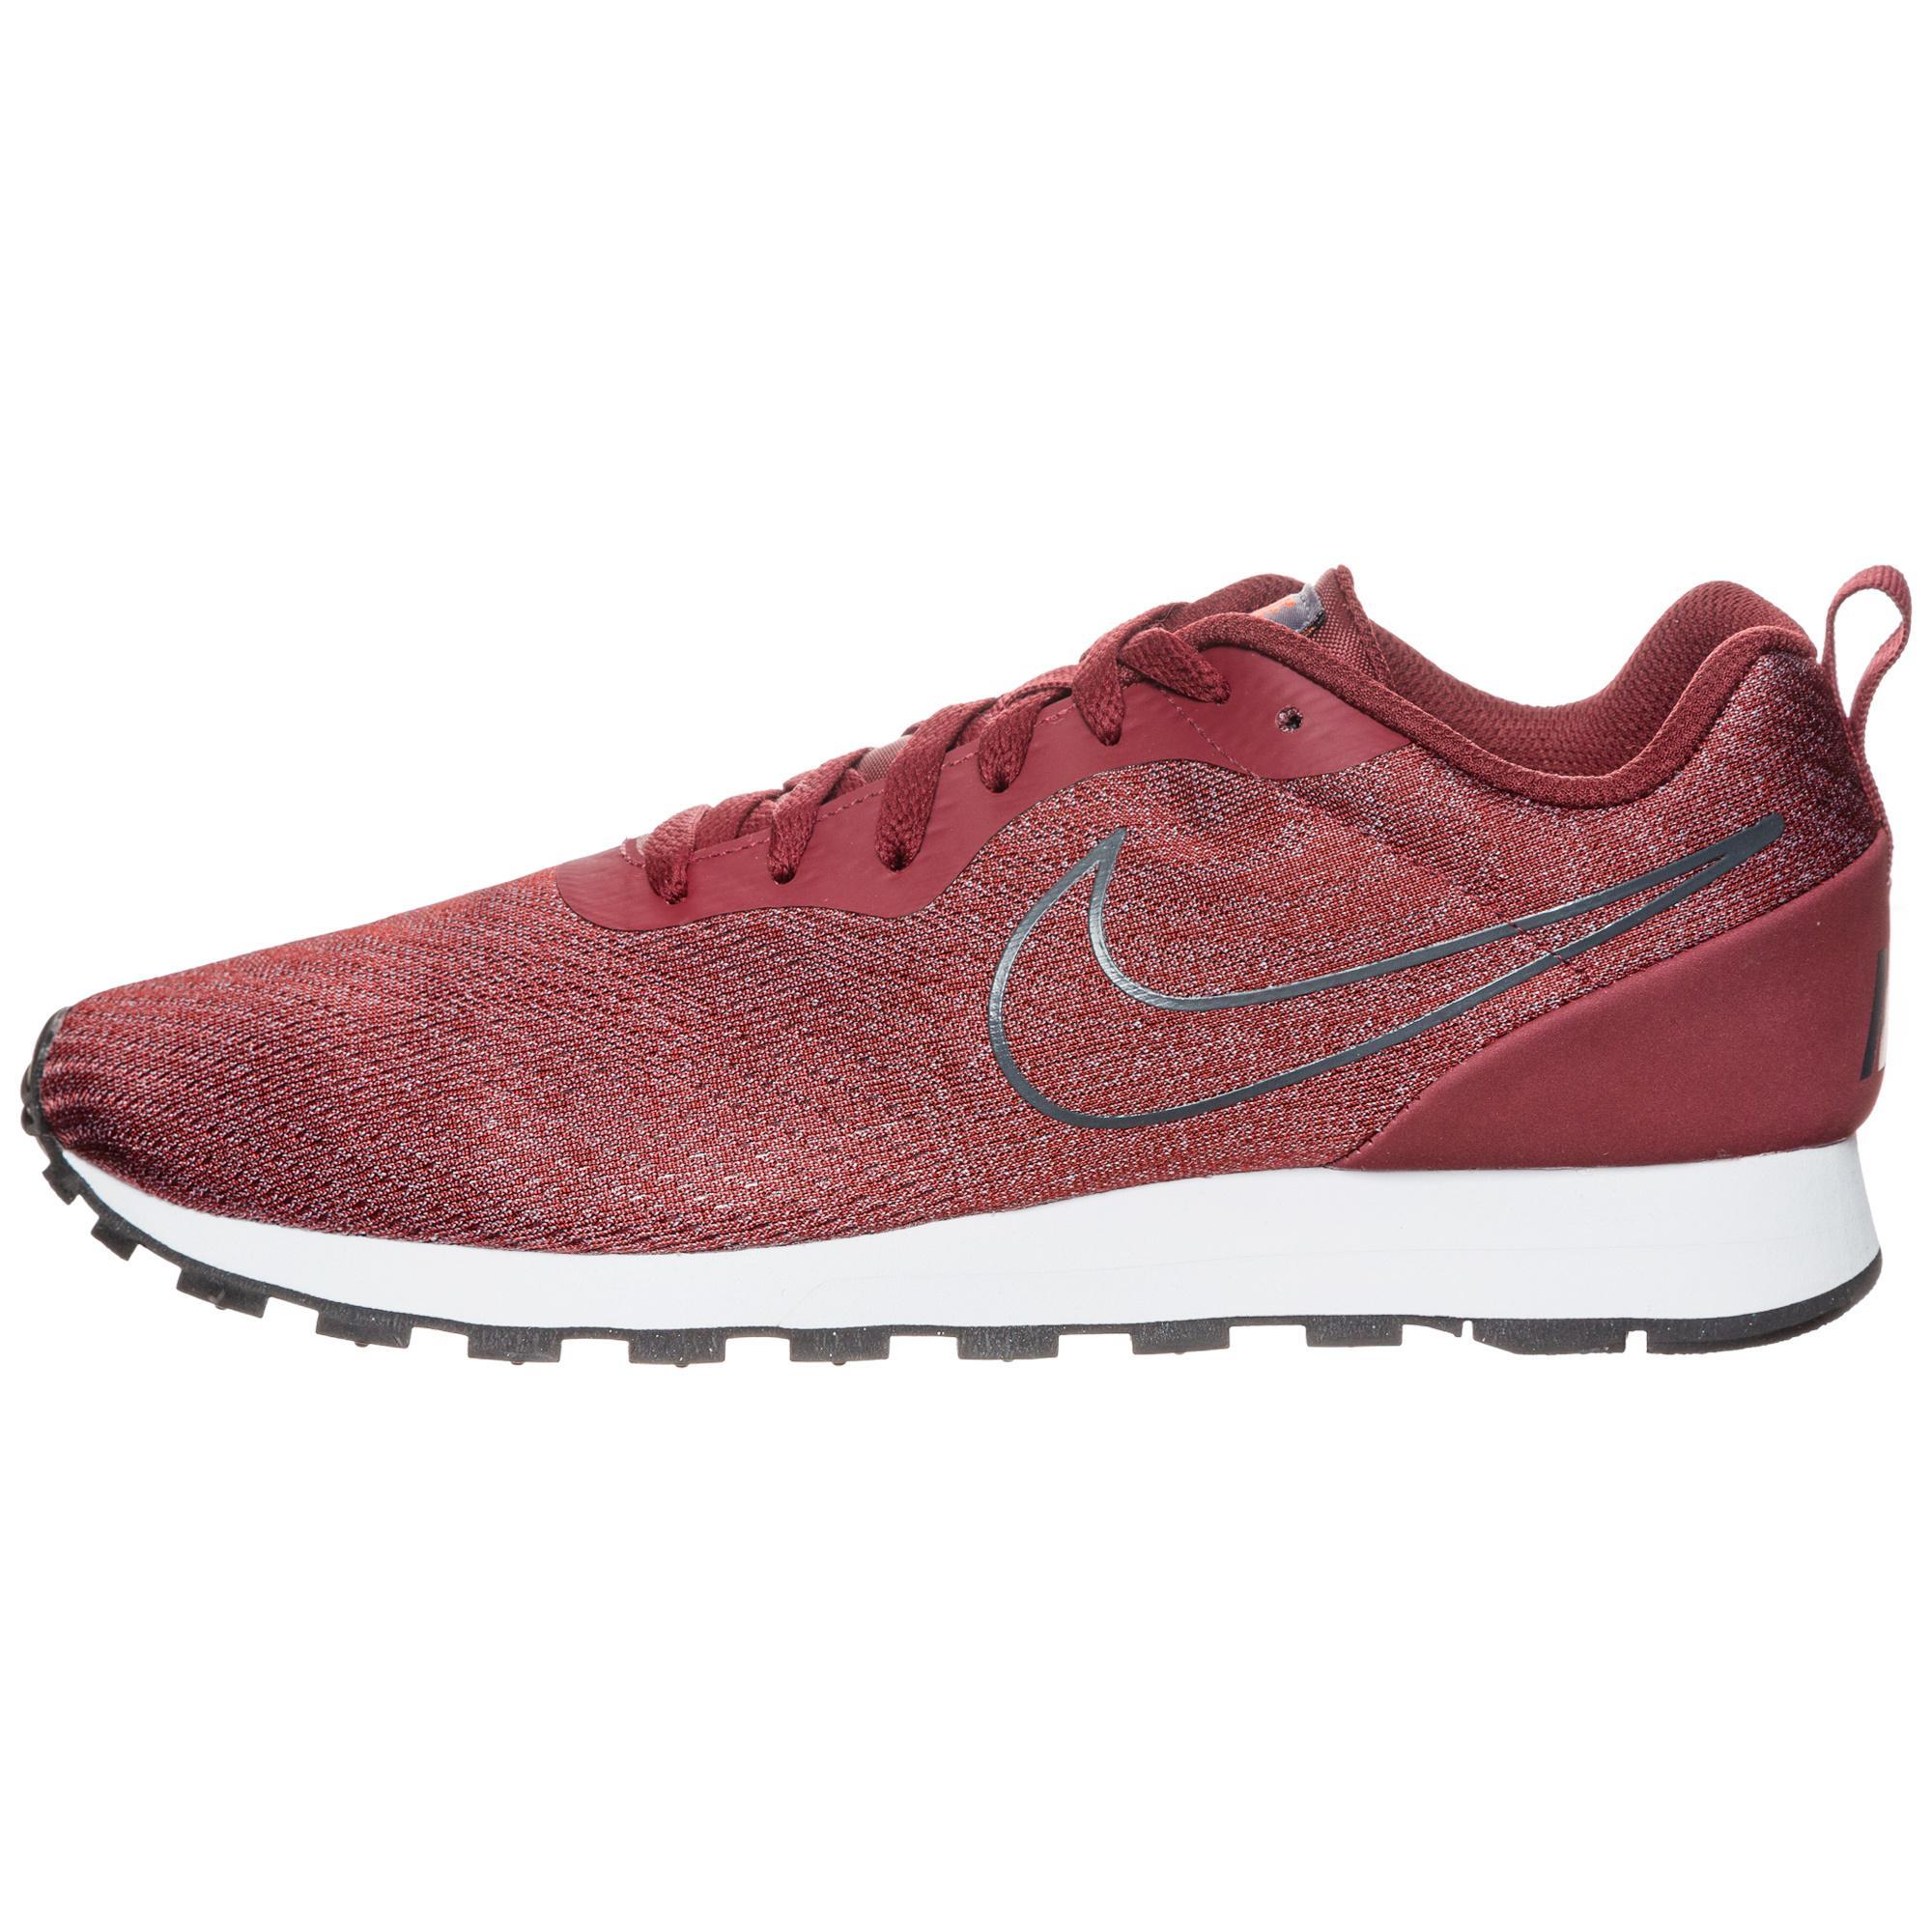 Nike MD Runner 2 2 2 Engineered Mesh Sneaker Herren dunkelrot / grau im Online Shop von SportScheck kaufen Gute Qualität beliebte Schuhe 66e006